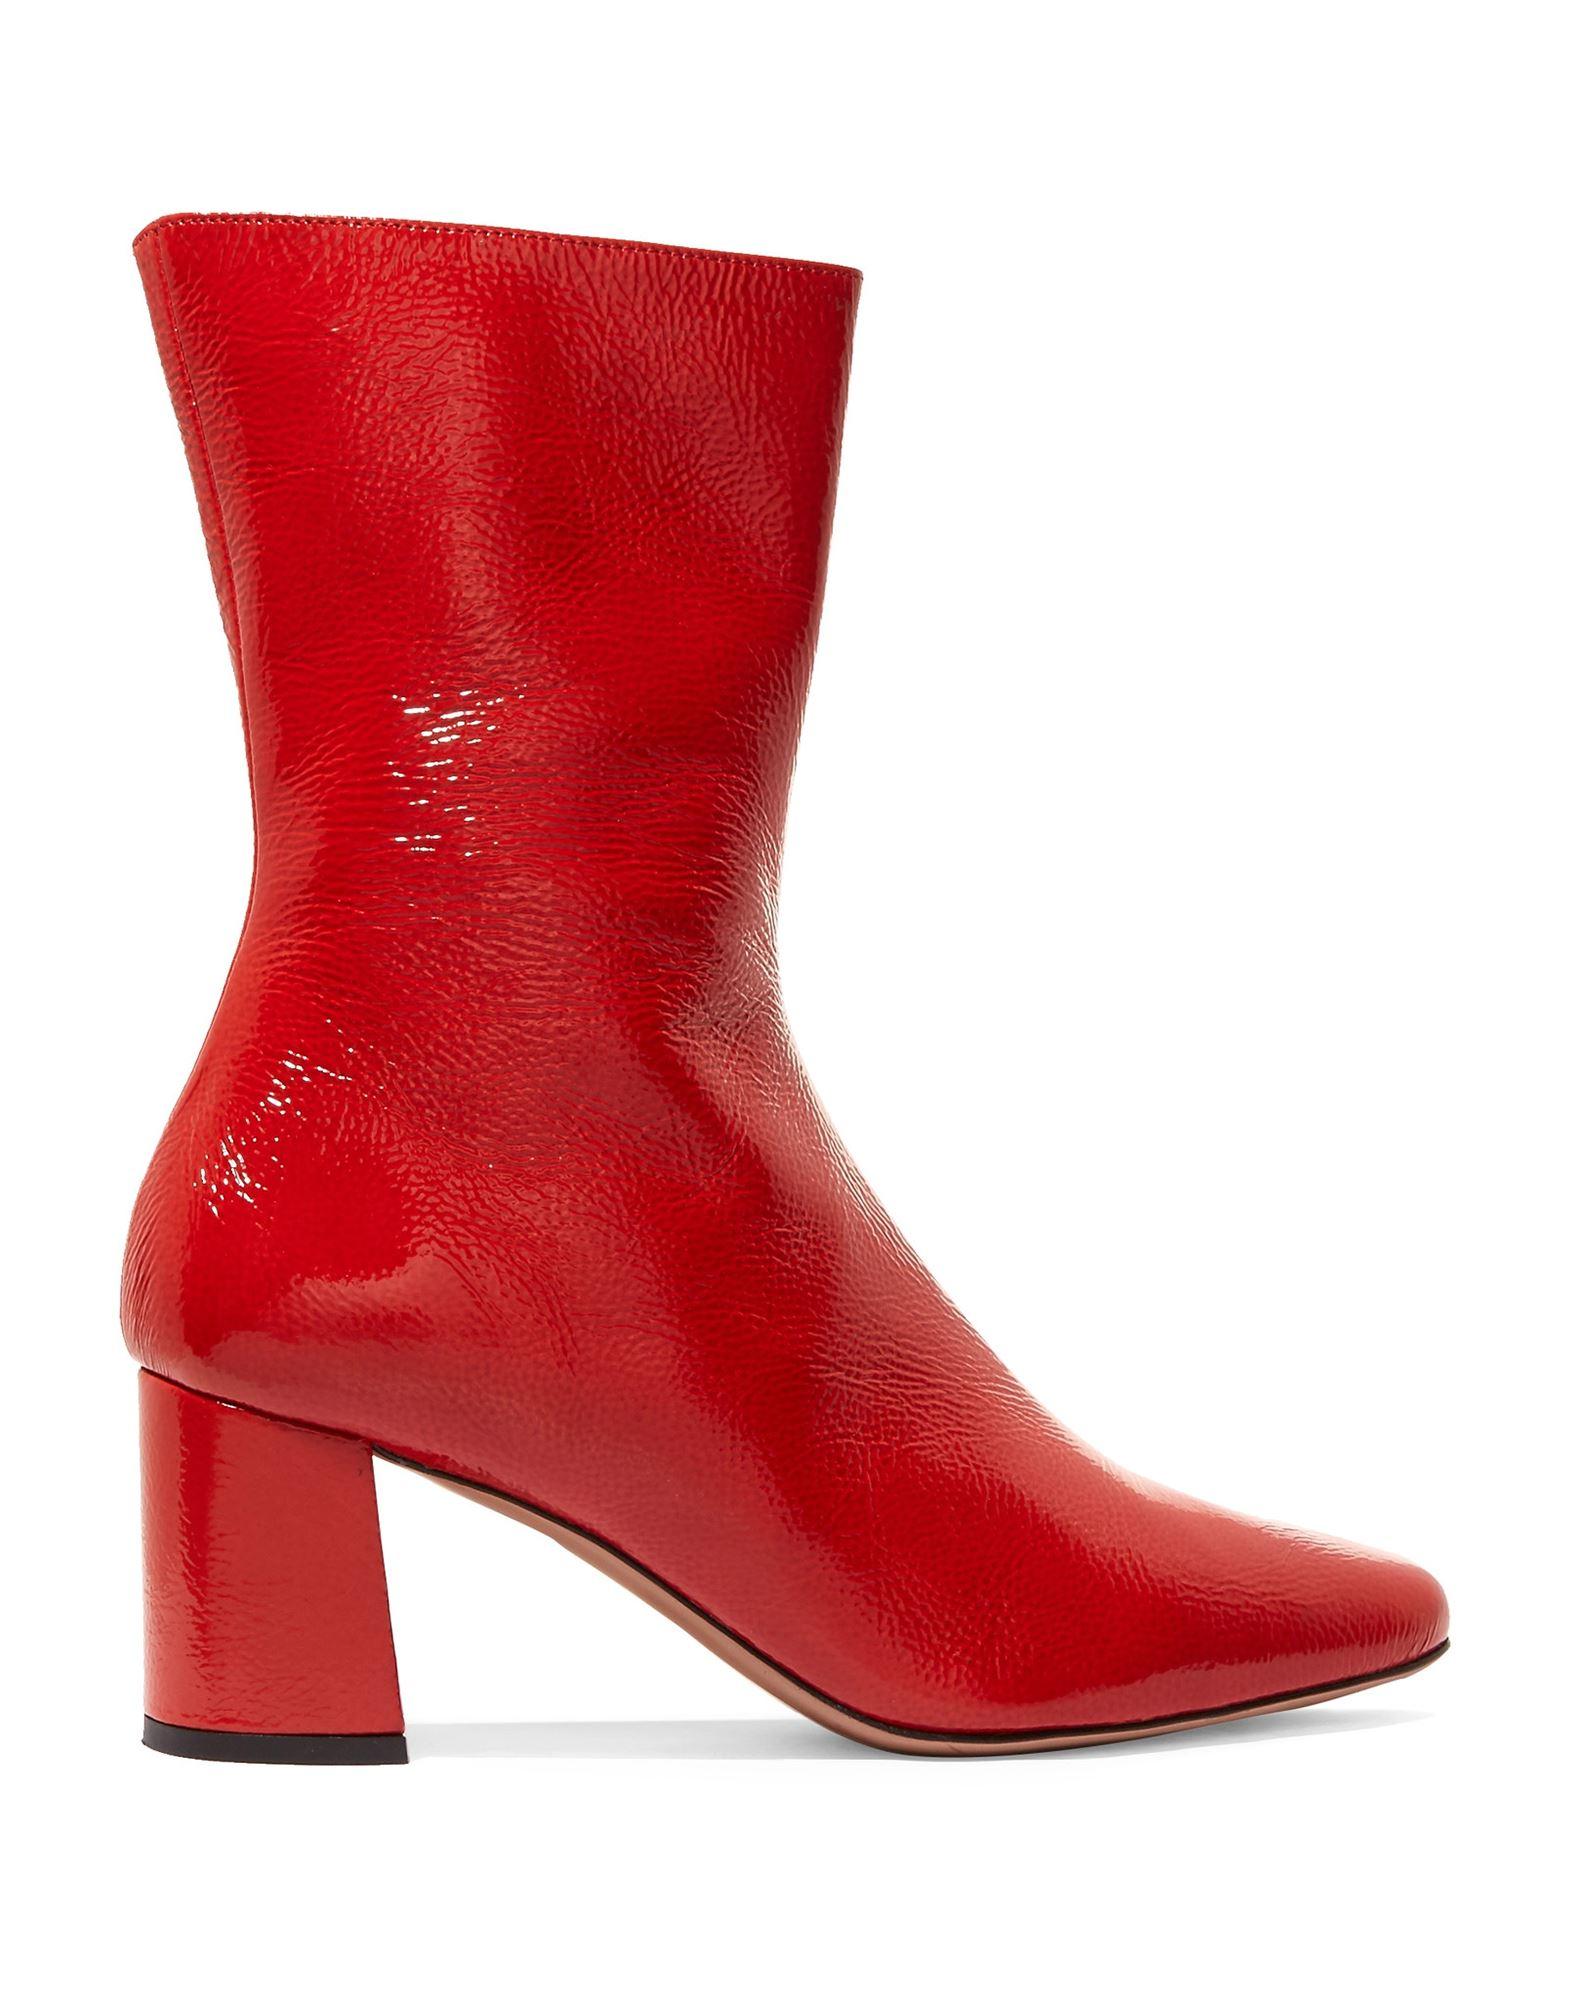 Trademark Stiefelette aussehende Damen  11454318VHGünstige gut aussehende Stiefelette Schuhe 737d99